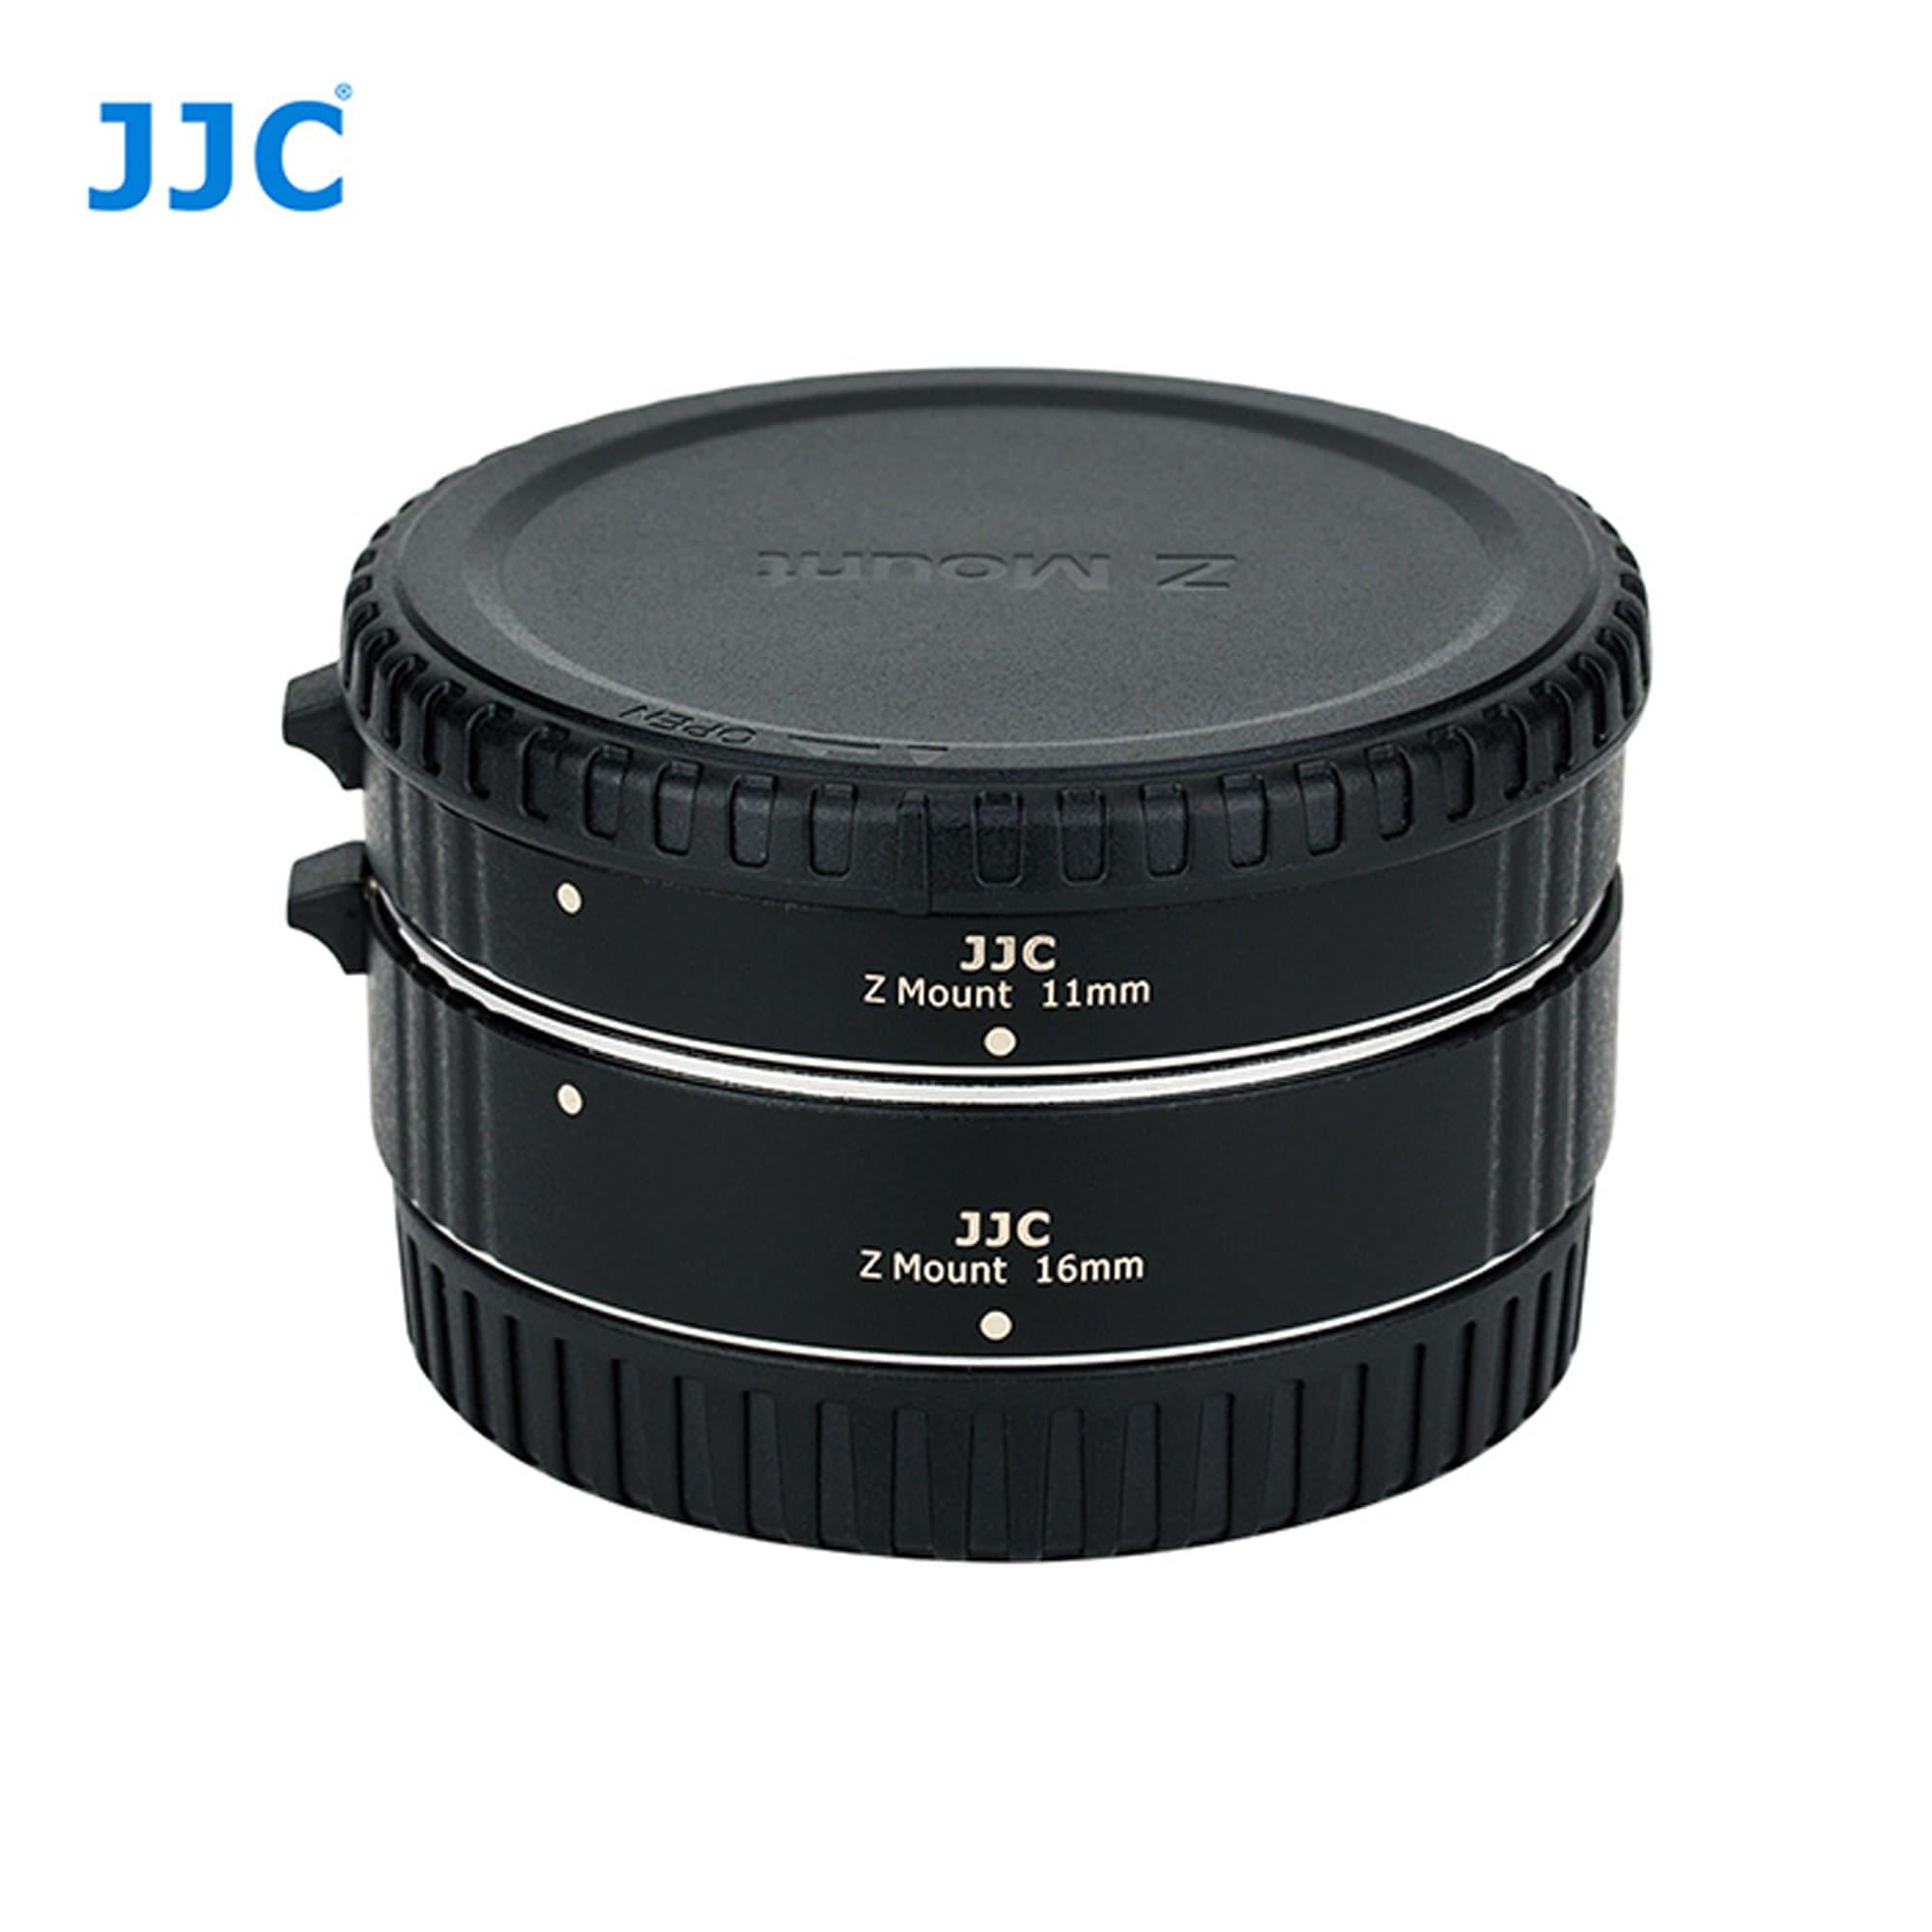 JJC Mellanringssats Till Canon EOS RF